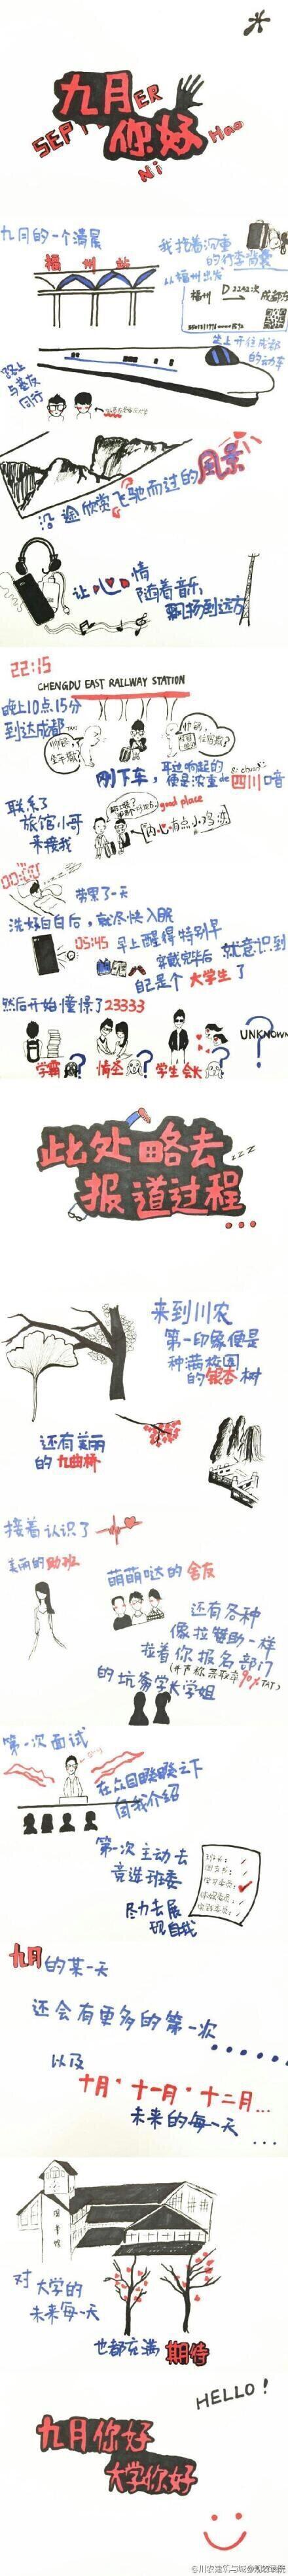 四川农业大学新生手绘萌版入学图(图)